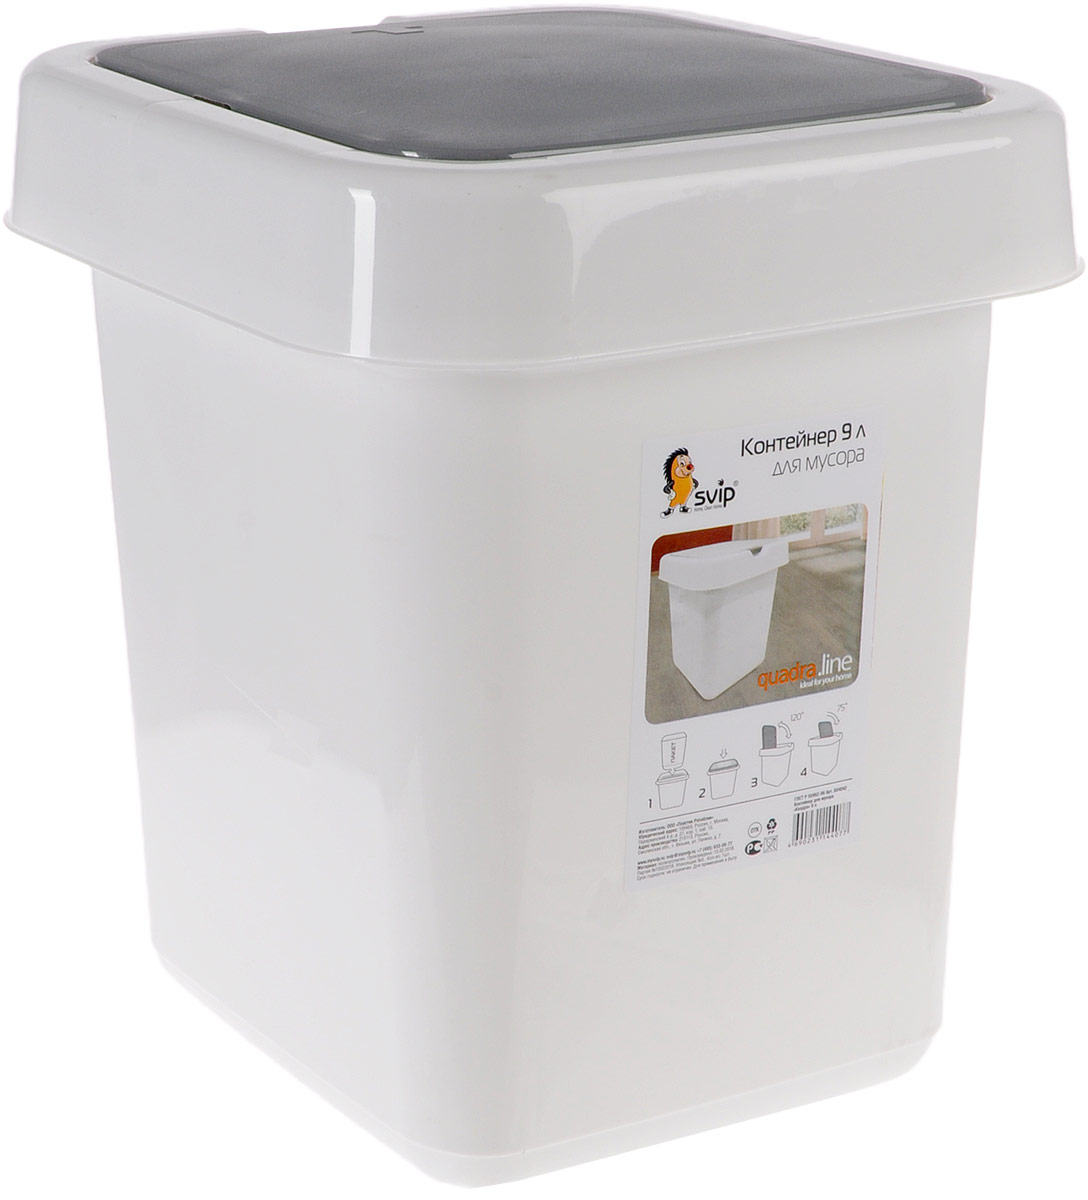 Контейнер для мусора Svip Квадра, цвет: белый, серый, 9 лRC-100BPCМусорный контейнер Svip Квадра поможет поддержать порядок и чистоту на кухне, в туалетной комнате или в офисе. Изделие, выполненное из полипропилена, не боится ударов и долгих лет использования. Изделие оснащено крышкой с двойным механизмом открывания, что обеспечивает максимально удобное использование: откидной крышкой можно воспользоваться при выбрасывании большого мусора, крышкой-маятником - для мусора меньшего объема. Скрытые борта в корпусе изделия для аккуратного использования одноразовых пакетов и сохранения эстетики изделия. Съемная верхняя часть контейнера обеспечивает удобство извлечения накопившегося мусора. Эстетика изделия превращает необходимый предмет кухни или туалетной комнаты в стильное дополнение к интерьеру. Его легкость и прочность оптимально решают проблему сбора мусора.